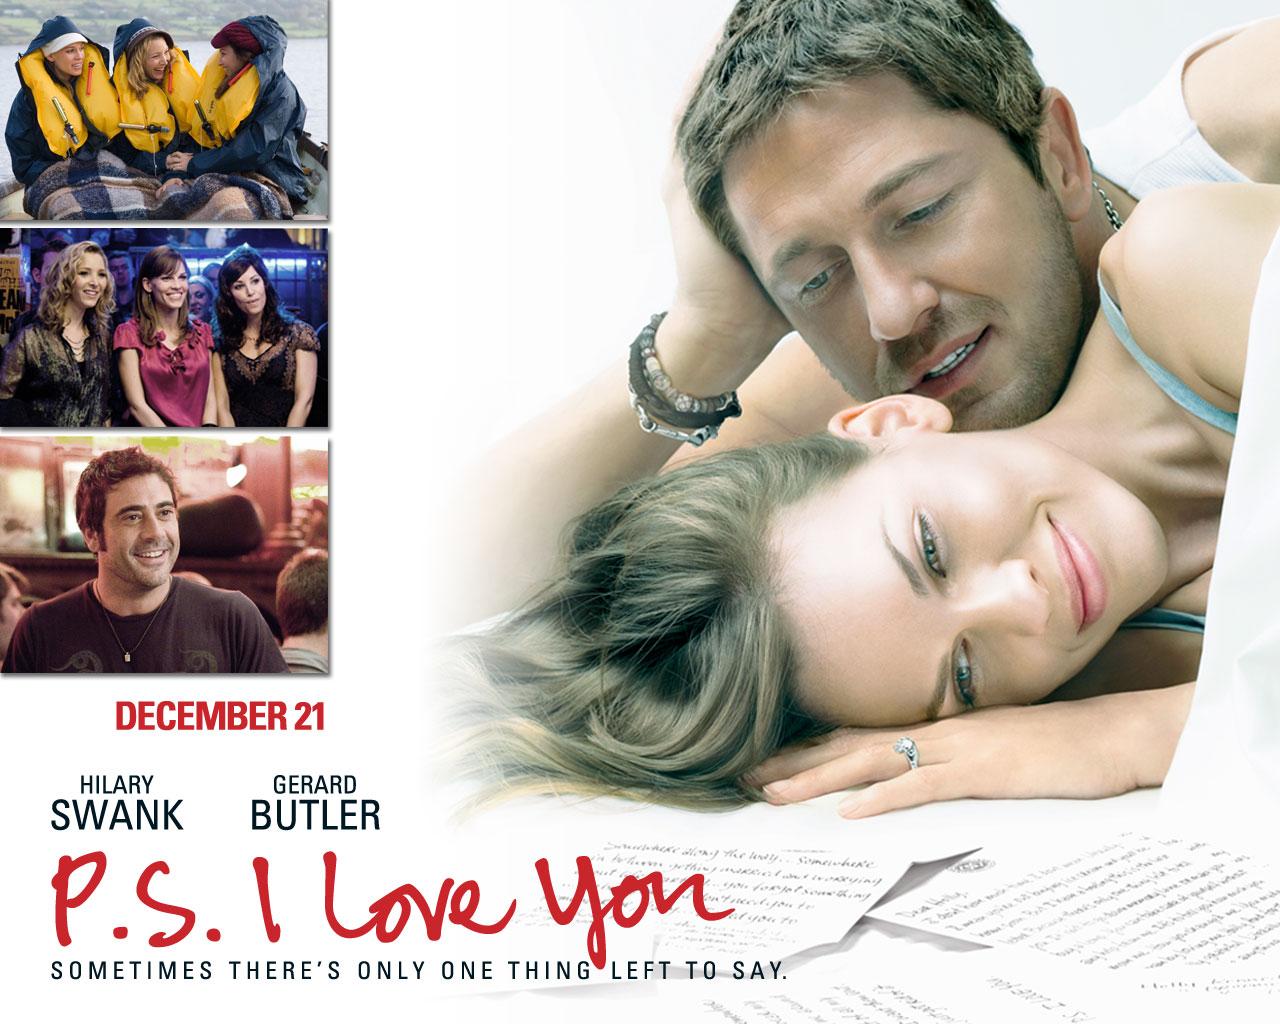 http://3.bp.blogspot.com/-pyhccj5SQA8/Tkk56A5vh4I/AAAAAAAACS8/n1DkQGqb6_M/s1600/ps-i_love_you-001.jpg